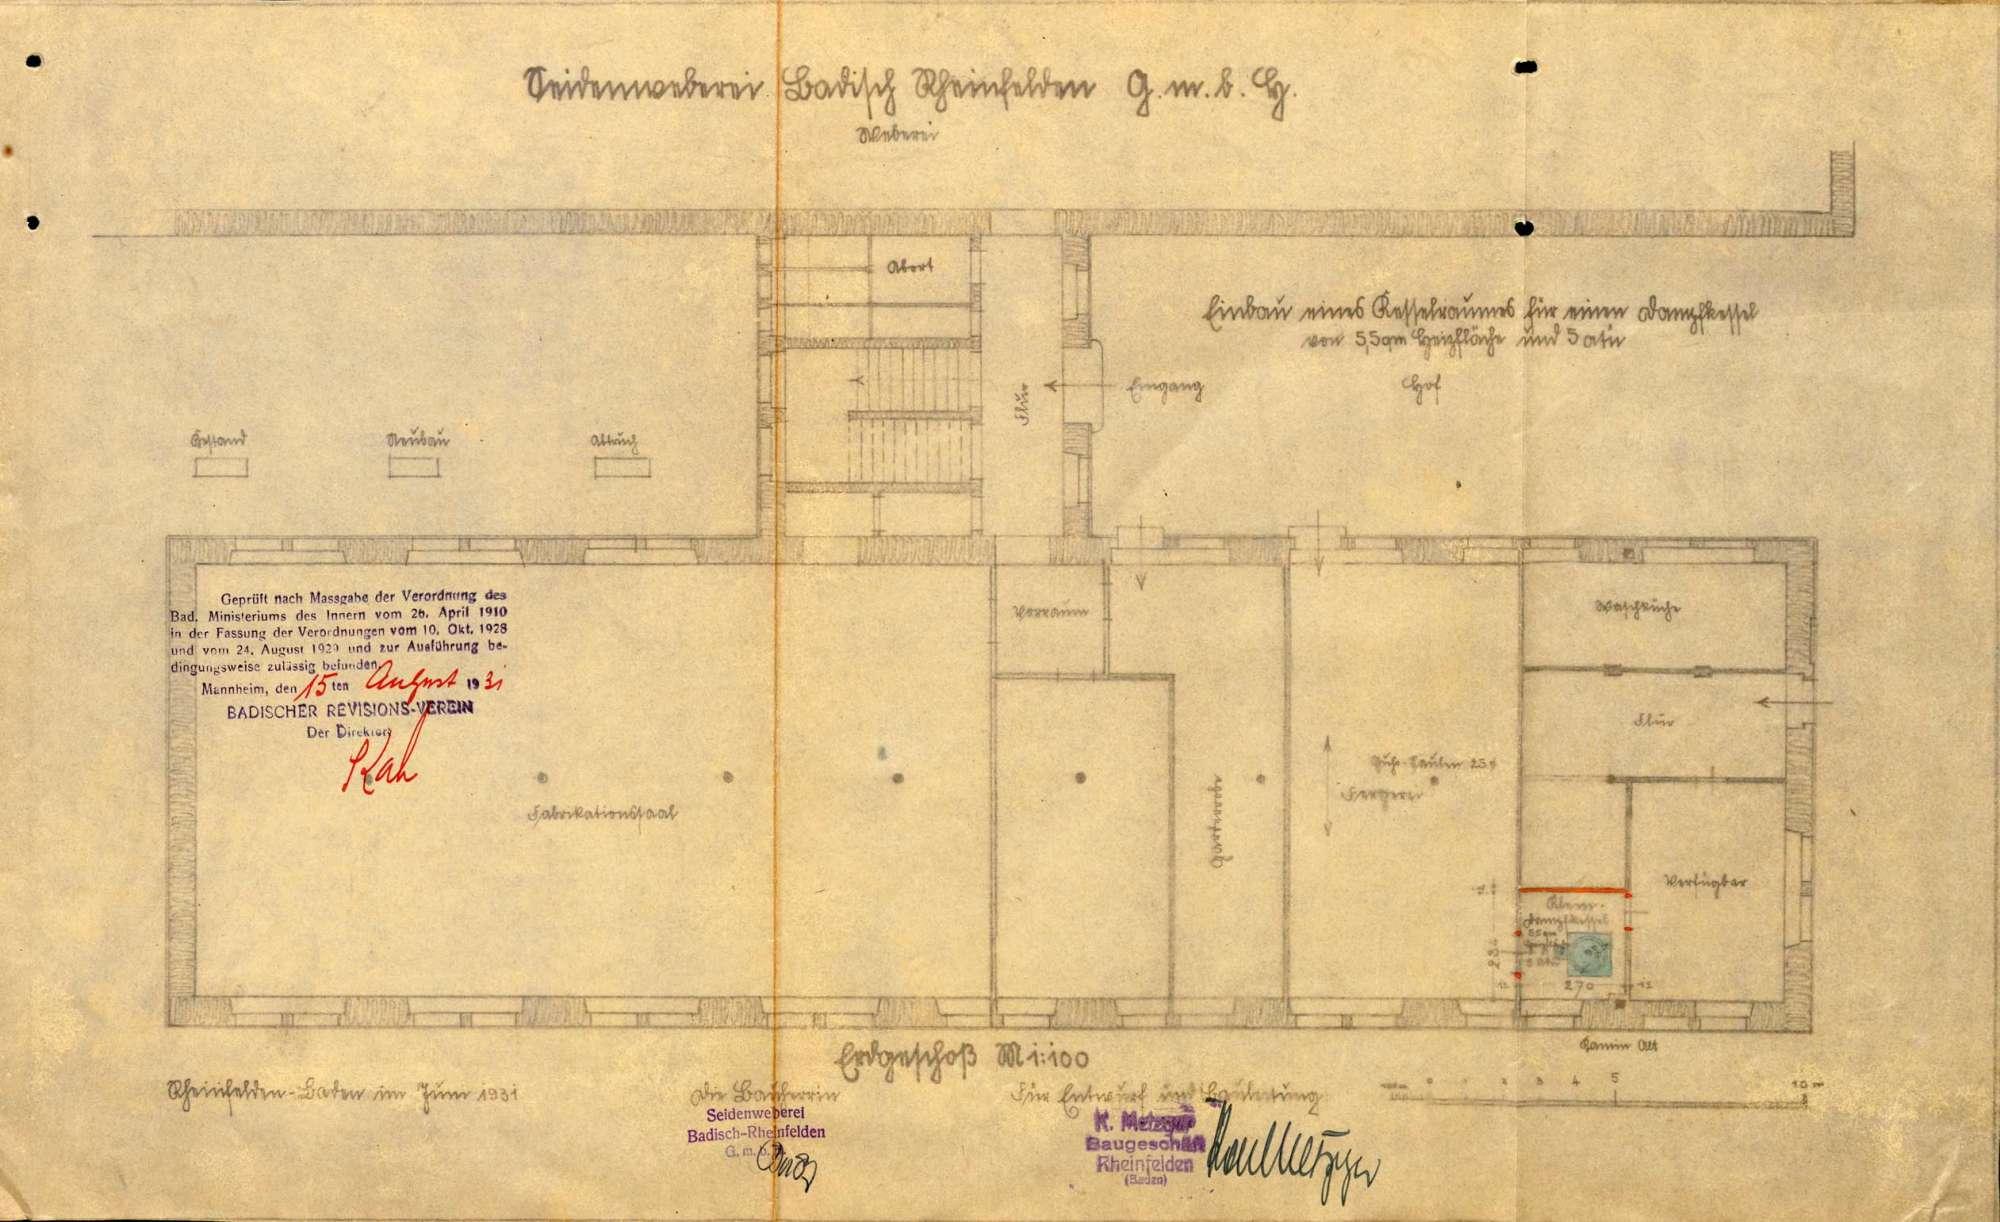 Dampfkessel der Firma Seidenweberei GmbH in Rheinfelden (Baden), Bild 2